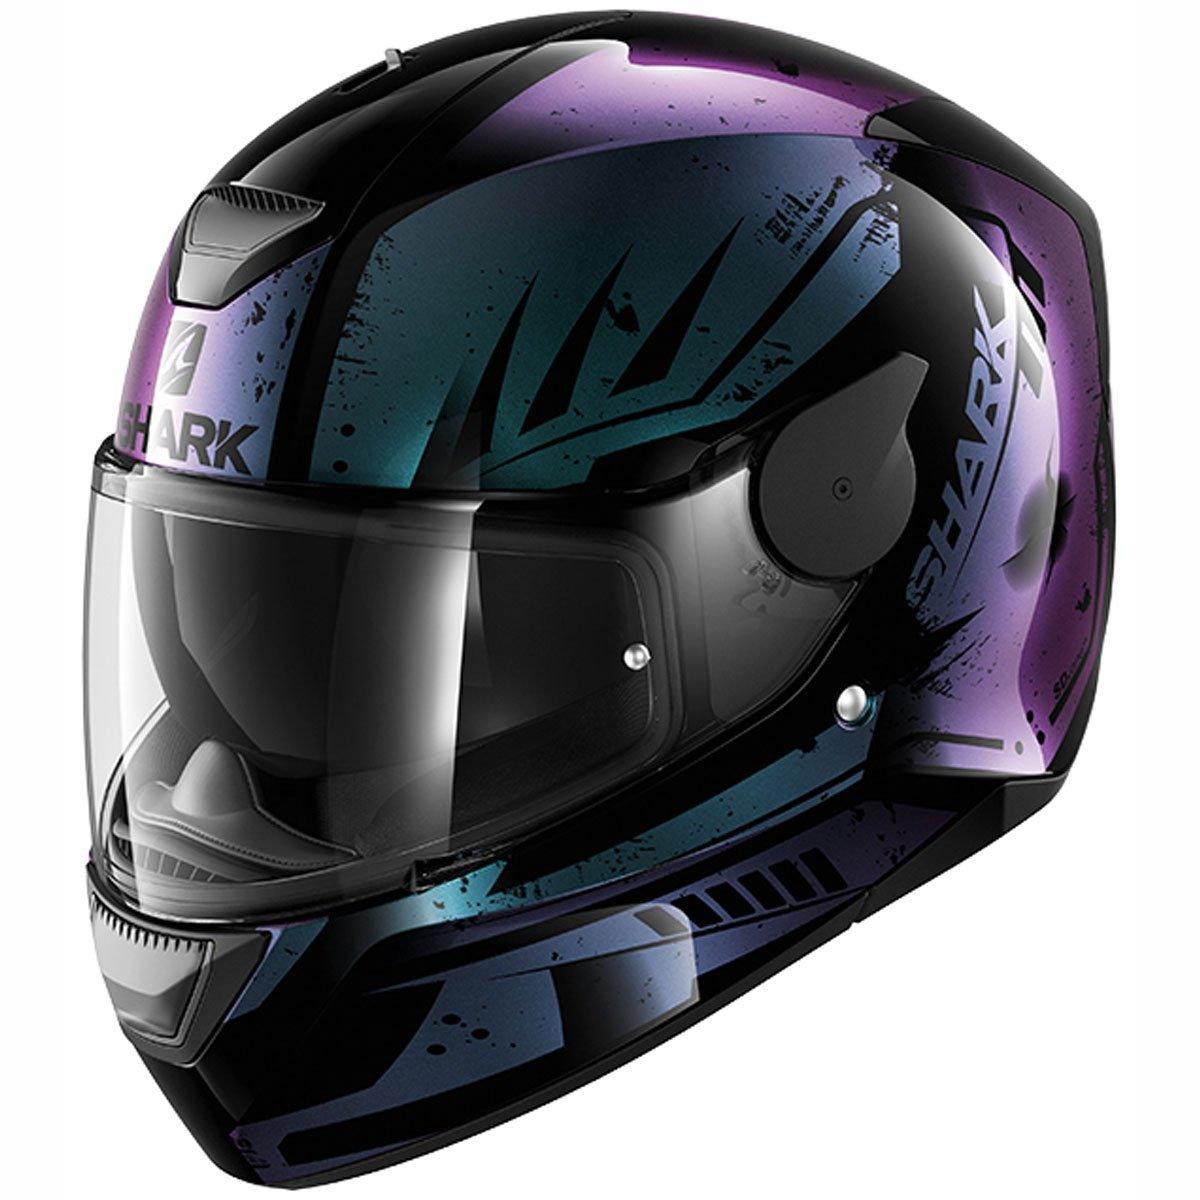 SHARK D-SKWAL DHARKOV KYA Motorcycle Helmet Size M Black//Yellow